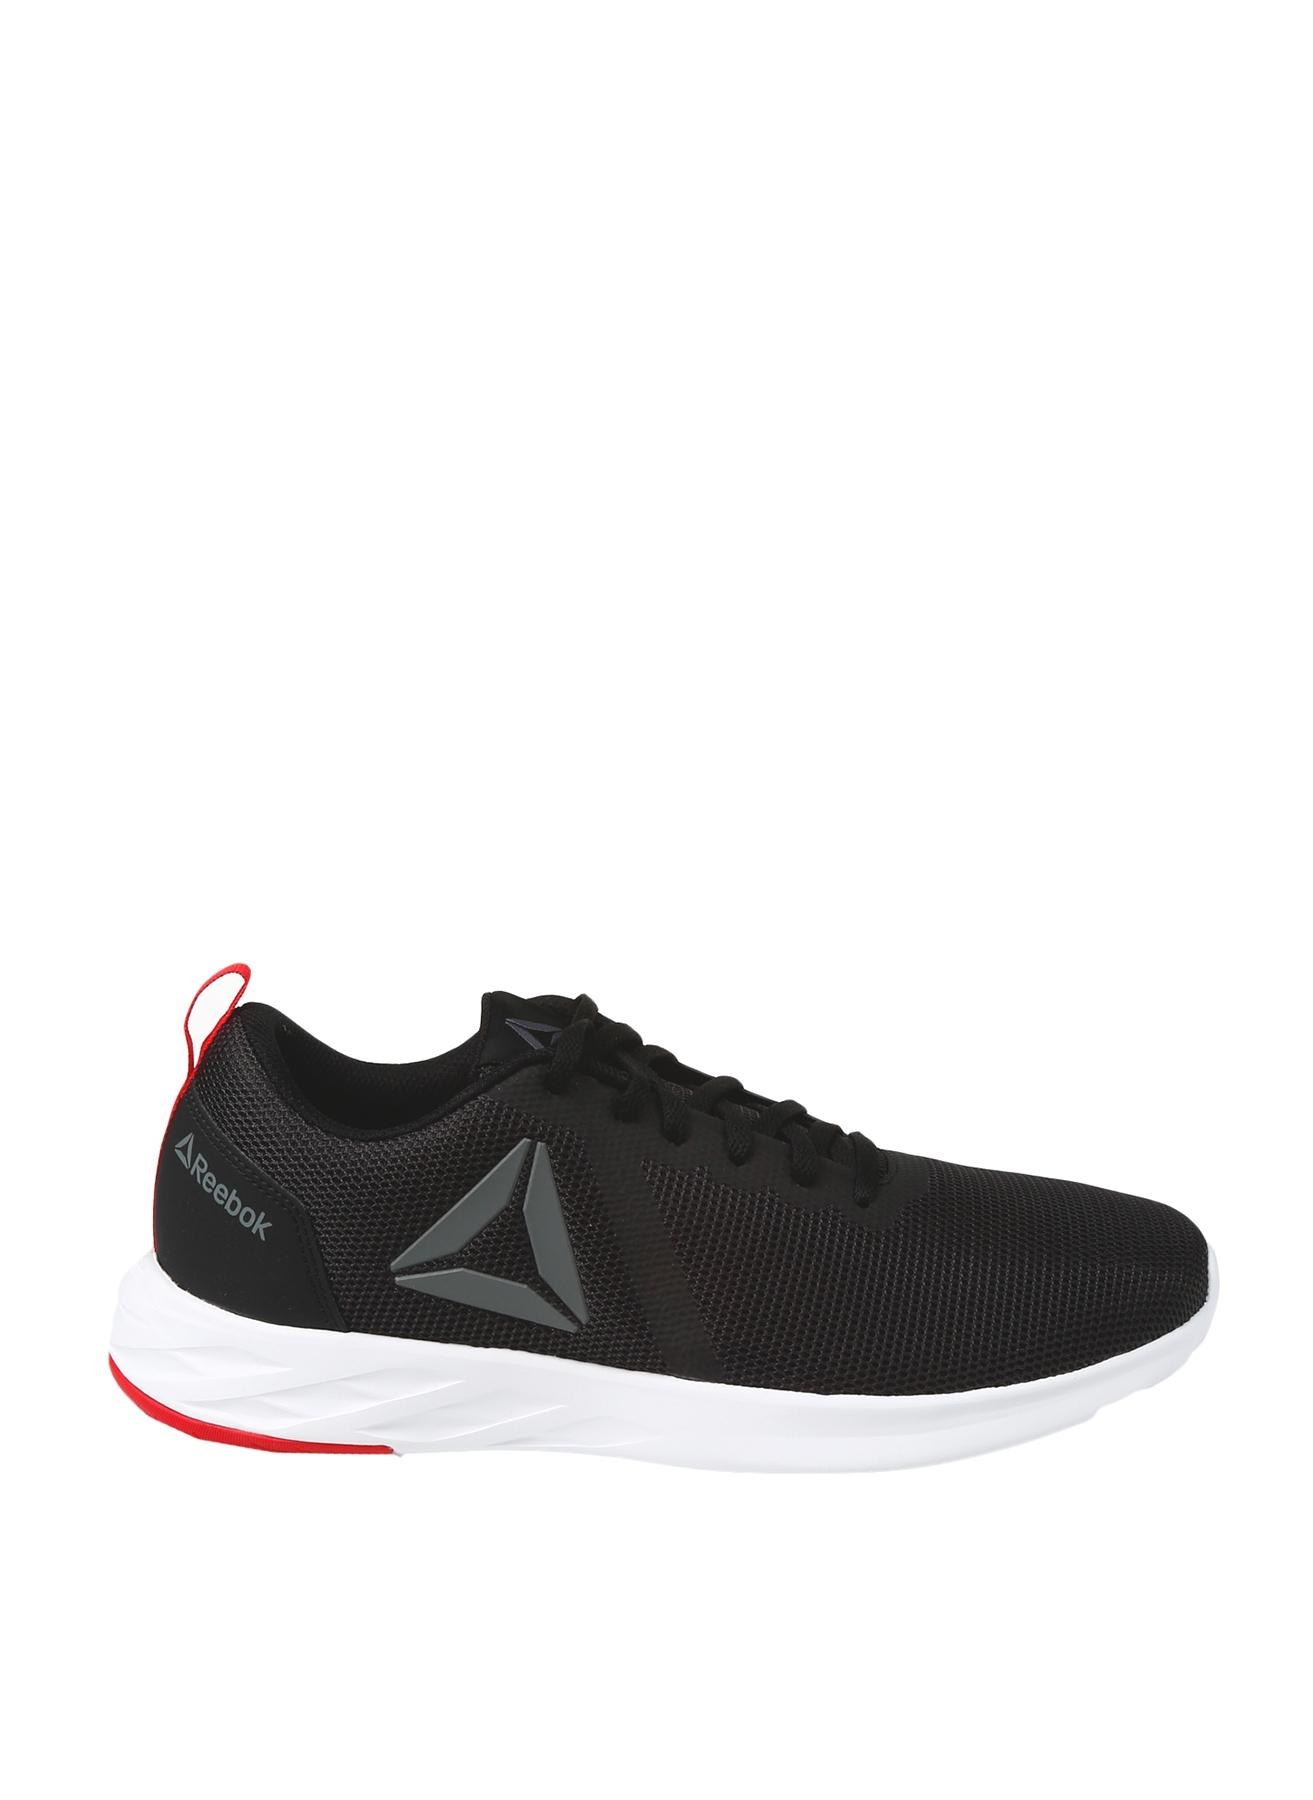 Reebok Astroride Essential Koşu Ayakkabısı 41 5000430833004 Ürün Resmi